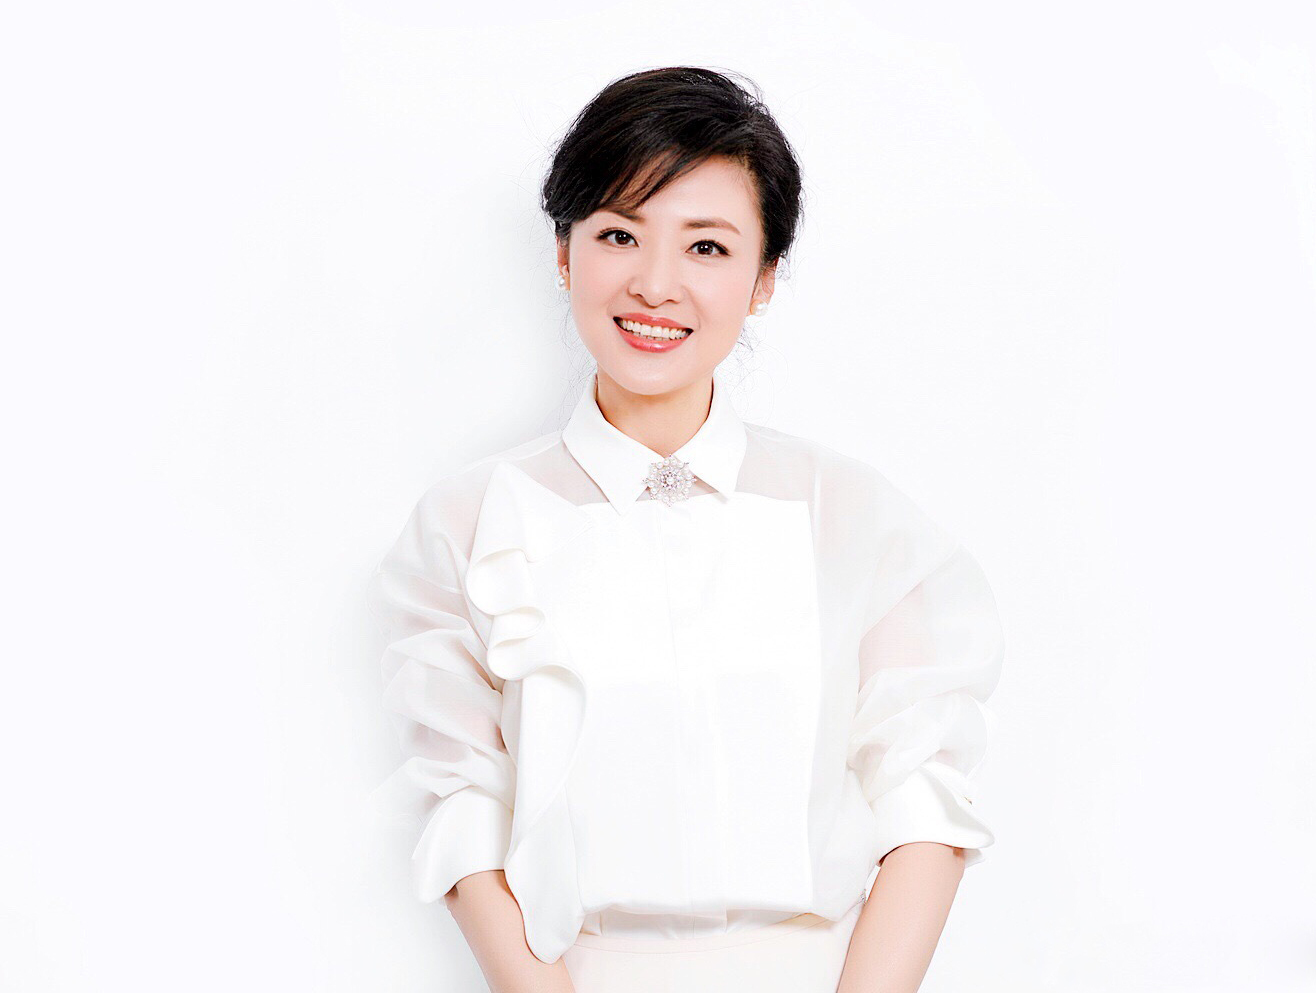 周涛白西装造型真优雅搭配同色衬衫也不单调51岁风采不减当年